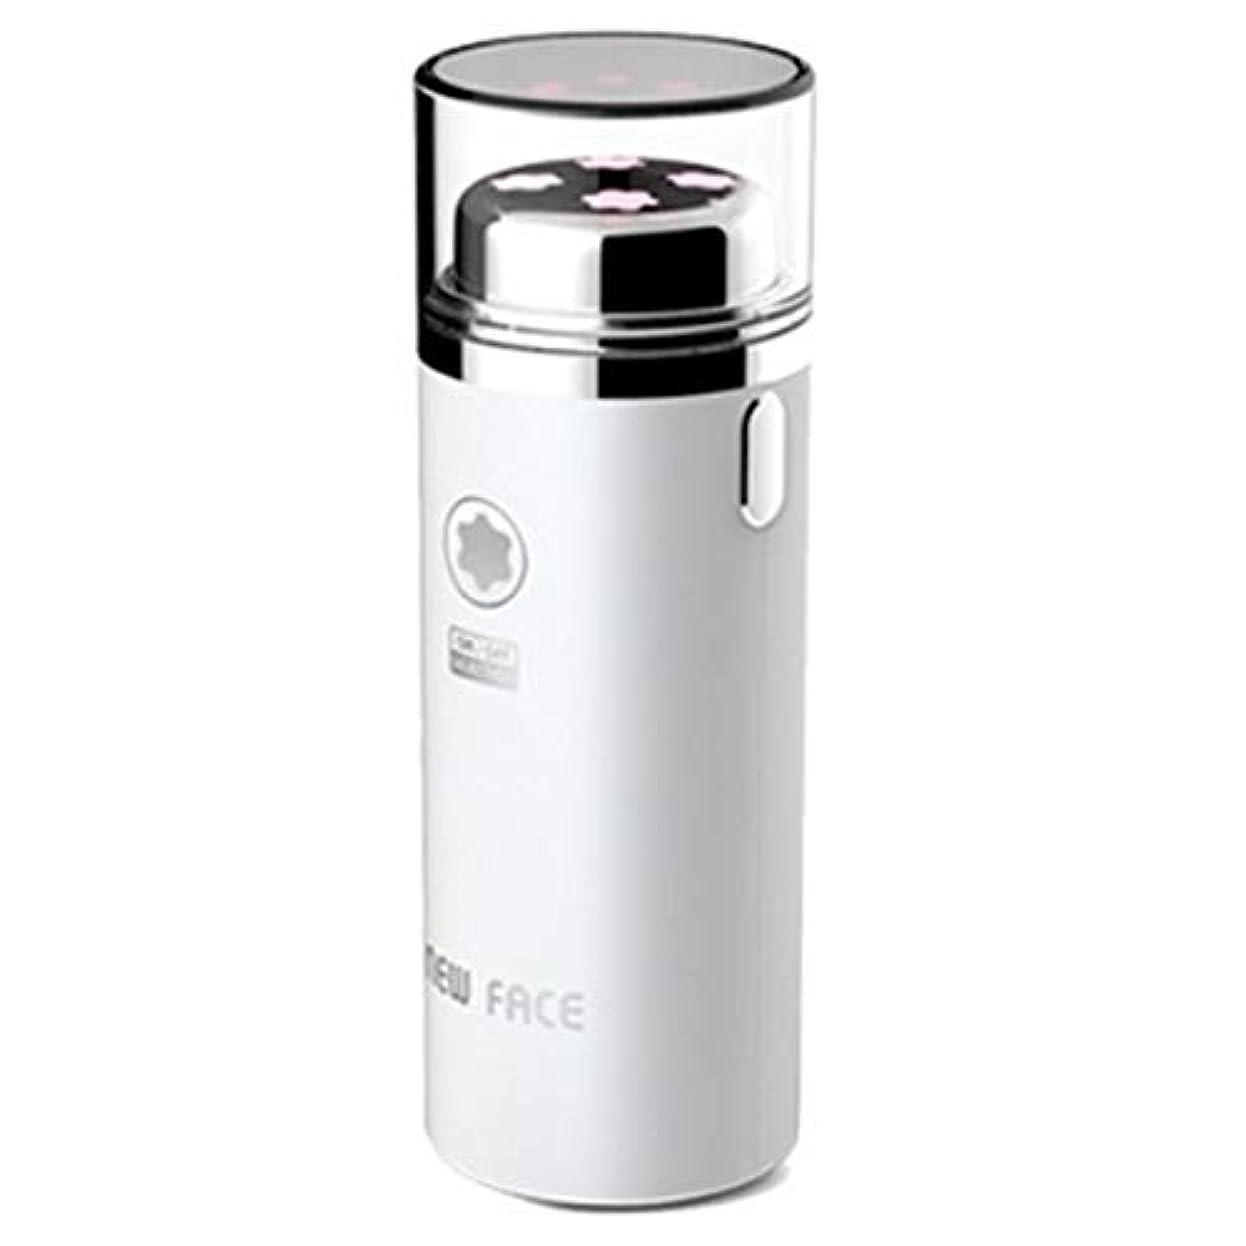 メッシュ受け入れる地理エラニューフェイスガルバニックマイクロ振動イオンスキンマッサージャーEFM-2500ホワイト Elra New Face Galvanic Micro Vibration Ion Skin Massager EFM-2500 White [並行輸入品]